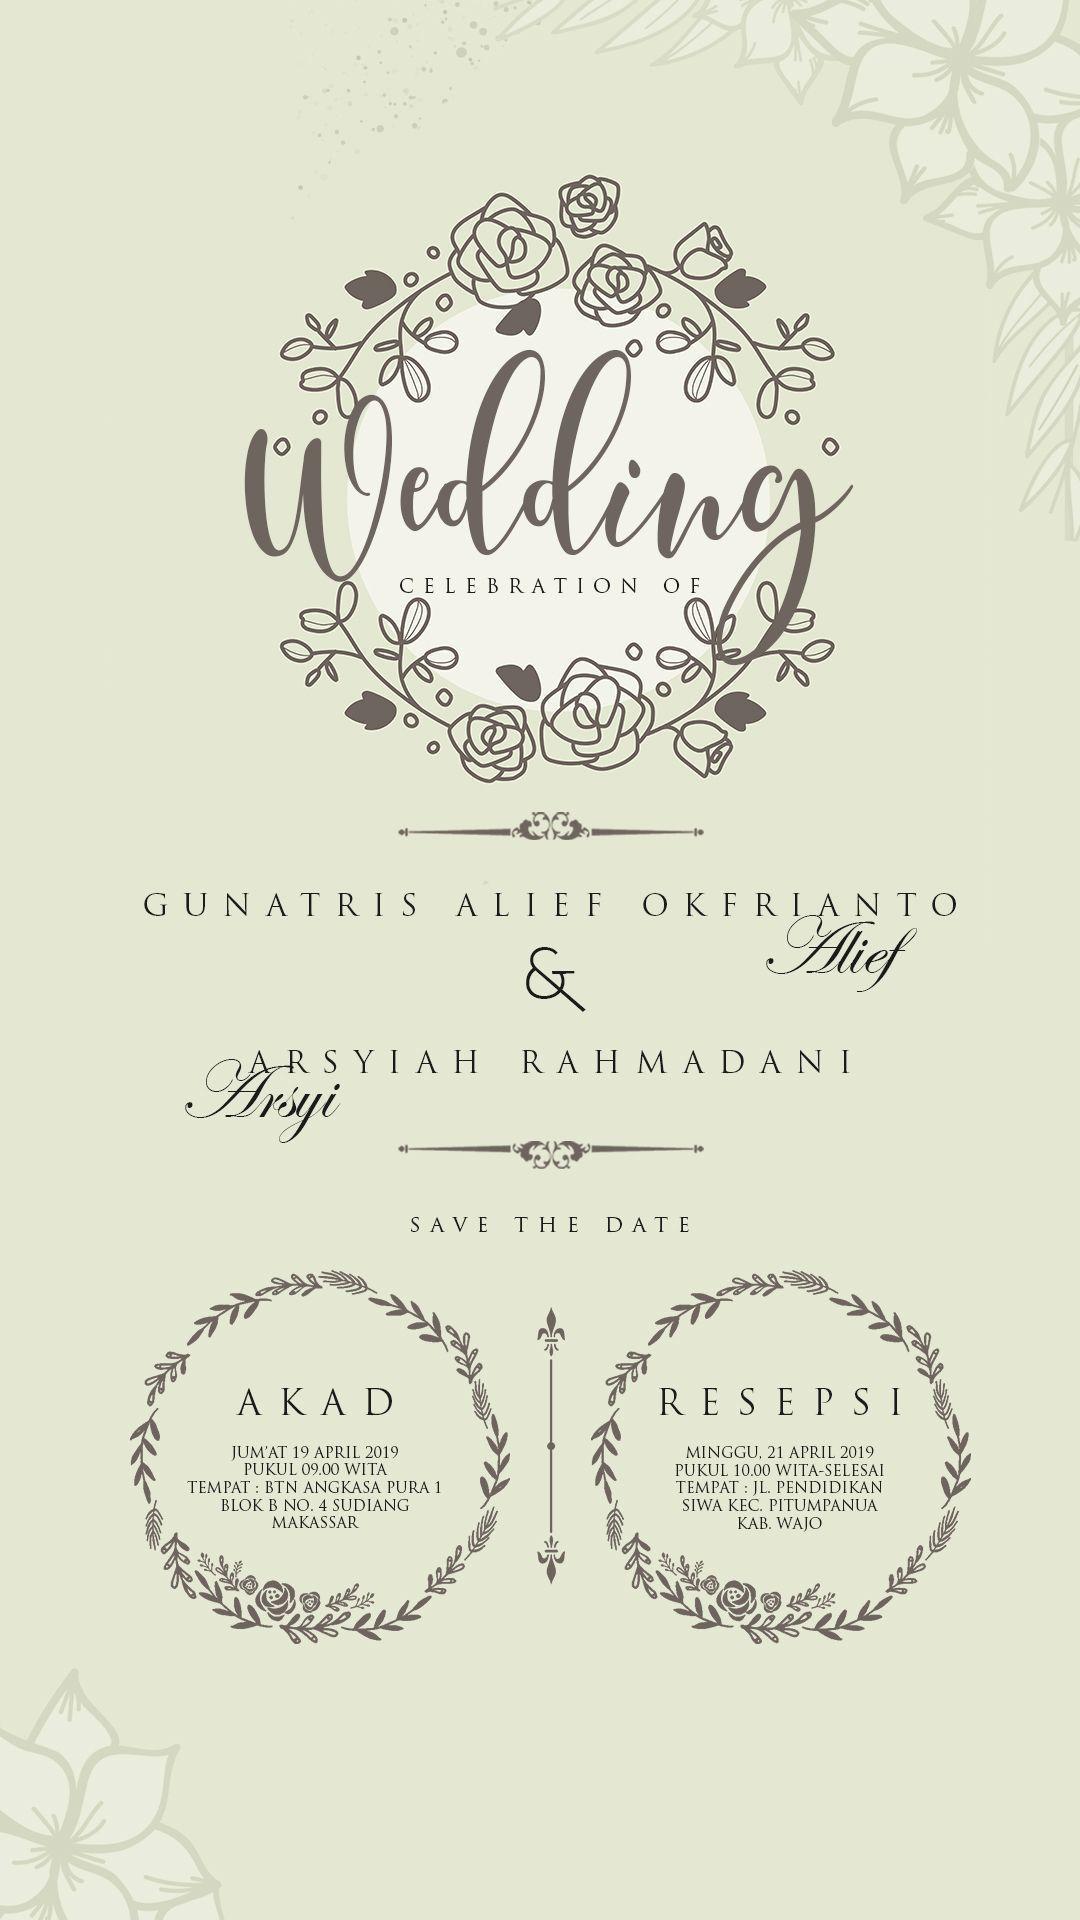 Design Undangan Pernikahan Jawa Design Undangan Di 2020 Undangan Pernikahan Desain Undangan Perkawinan Pernikahan